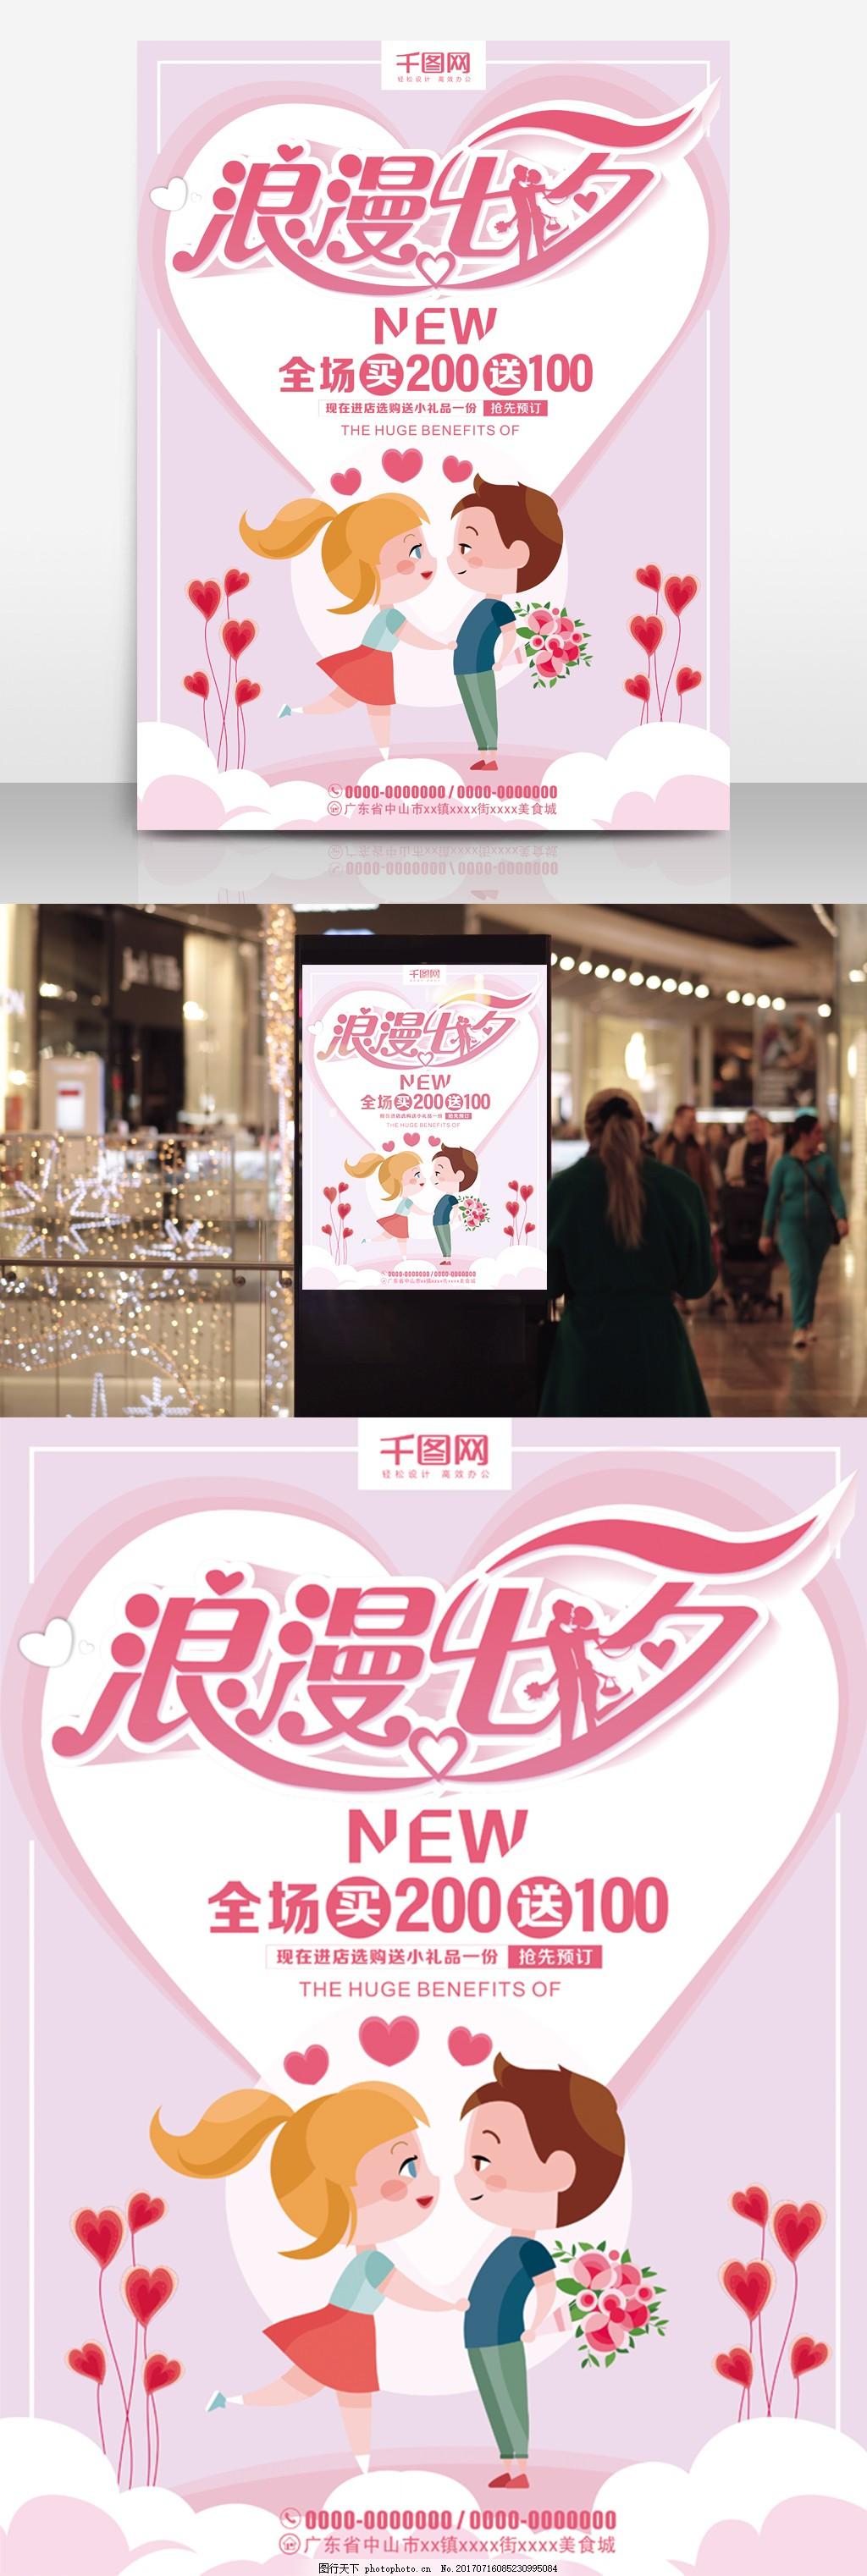 粉色浪漫七夕情人节卡通促销海报 花蕊 花朵 手绘花 人物 七夕字体